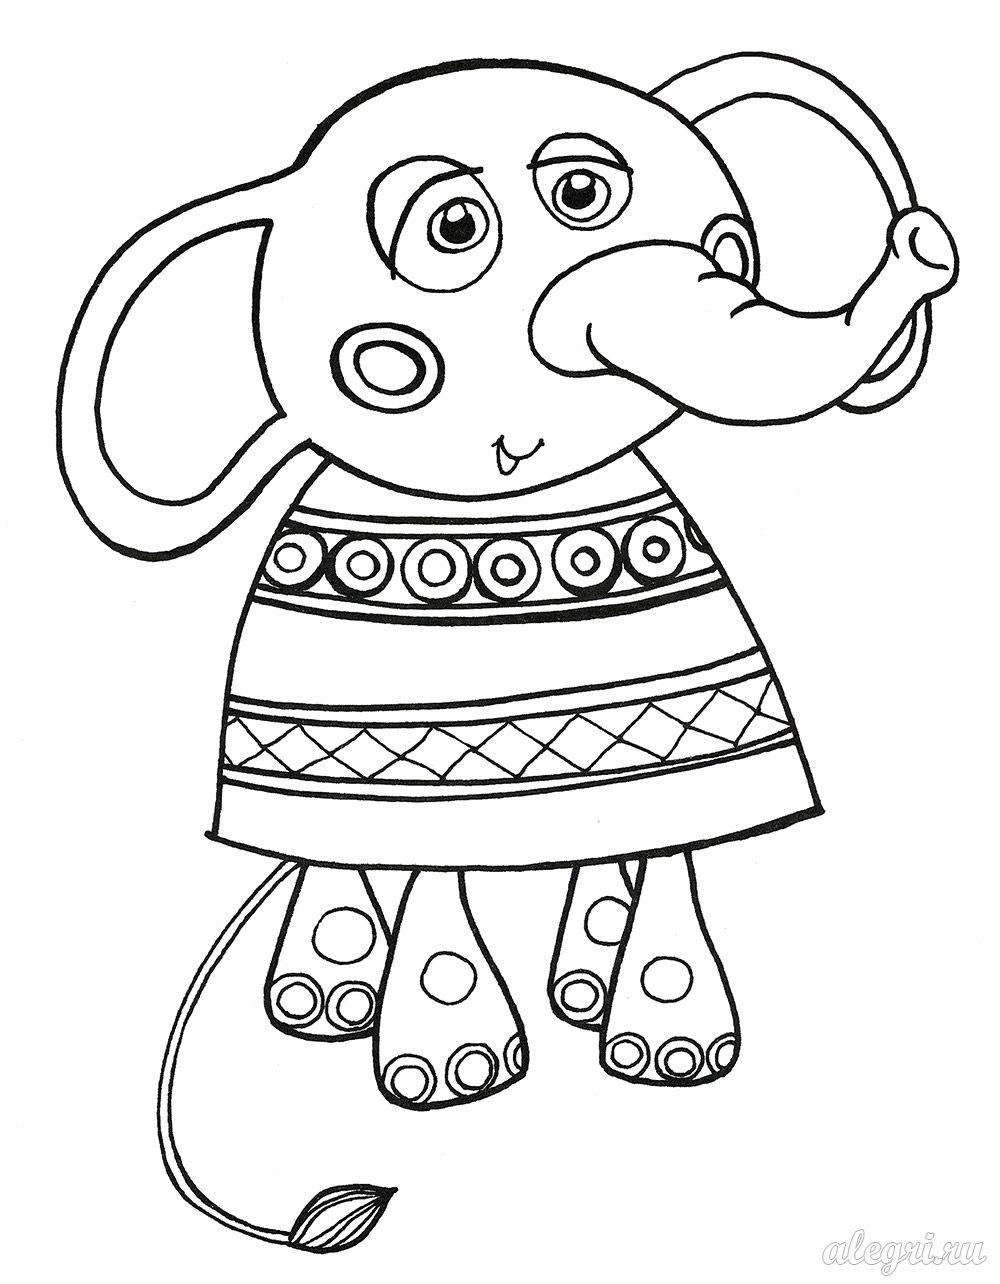 Раскраски «Игрушки» для детей 4-5 лет распечатать бесплатно